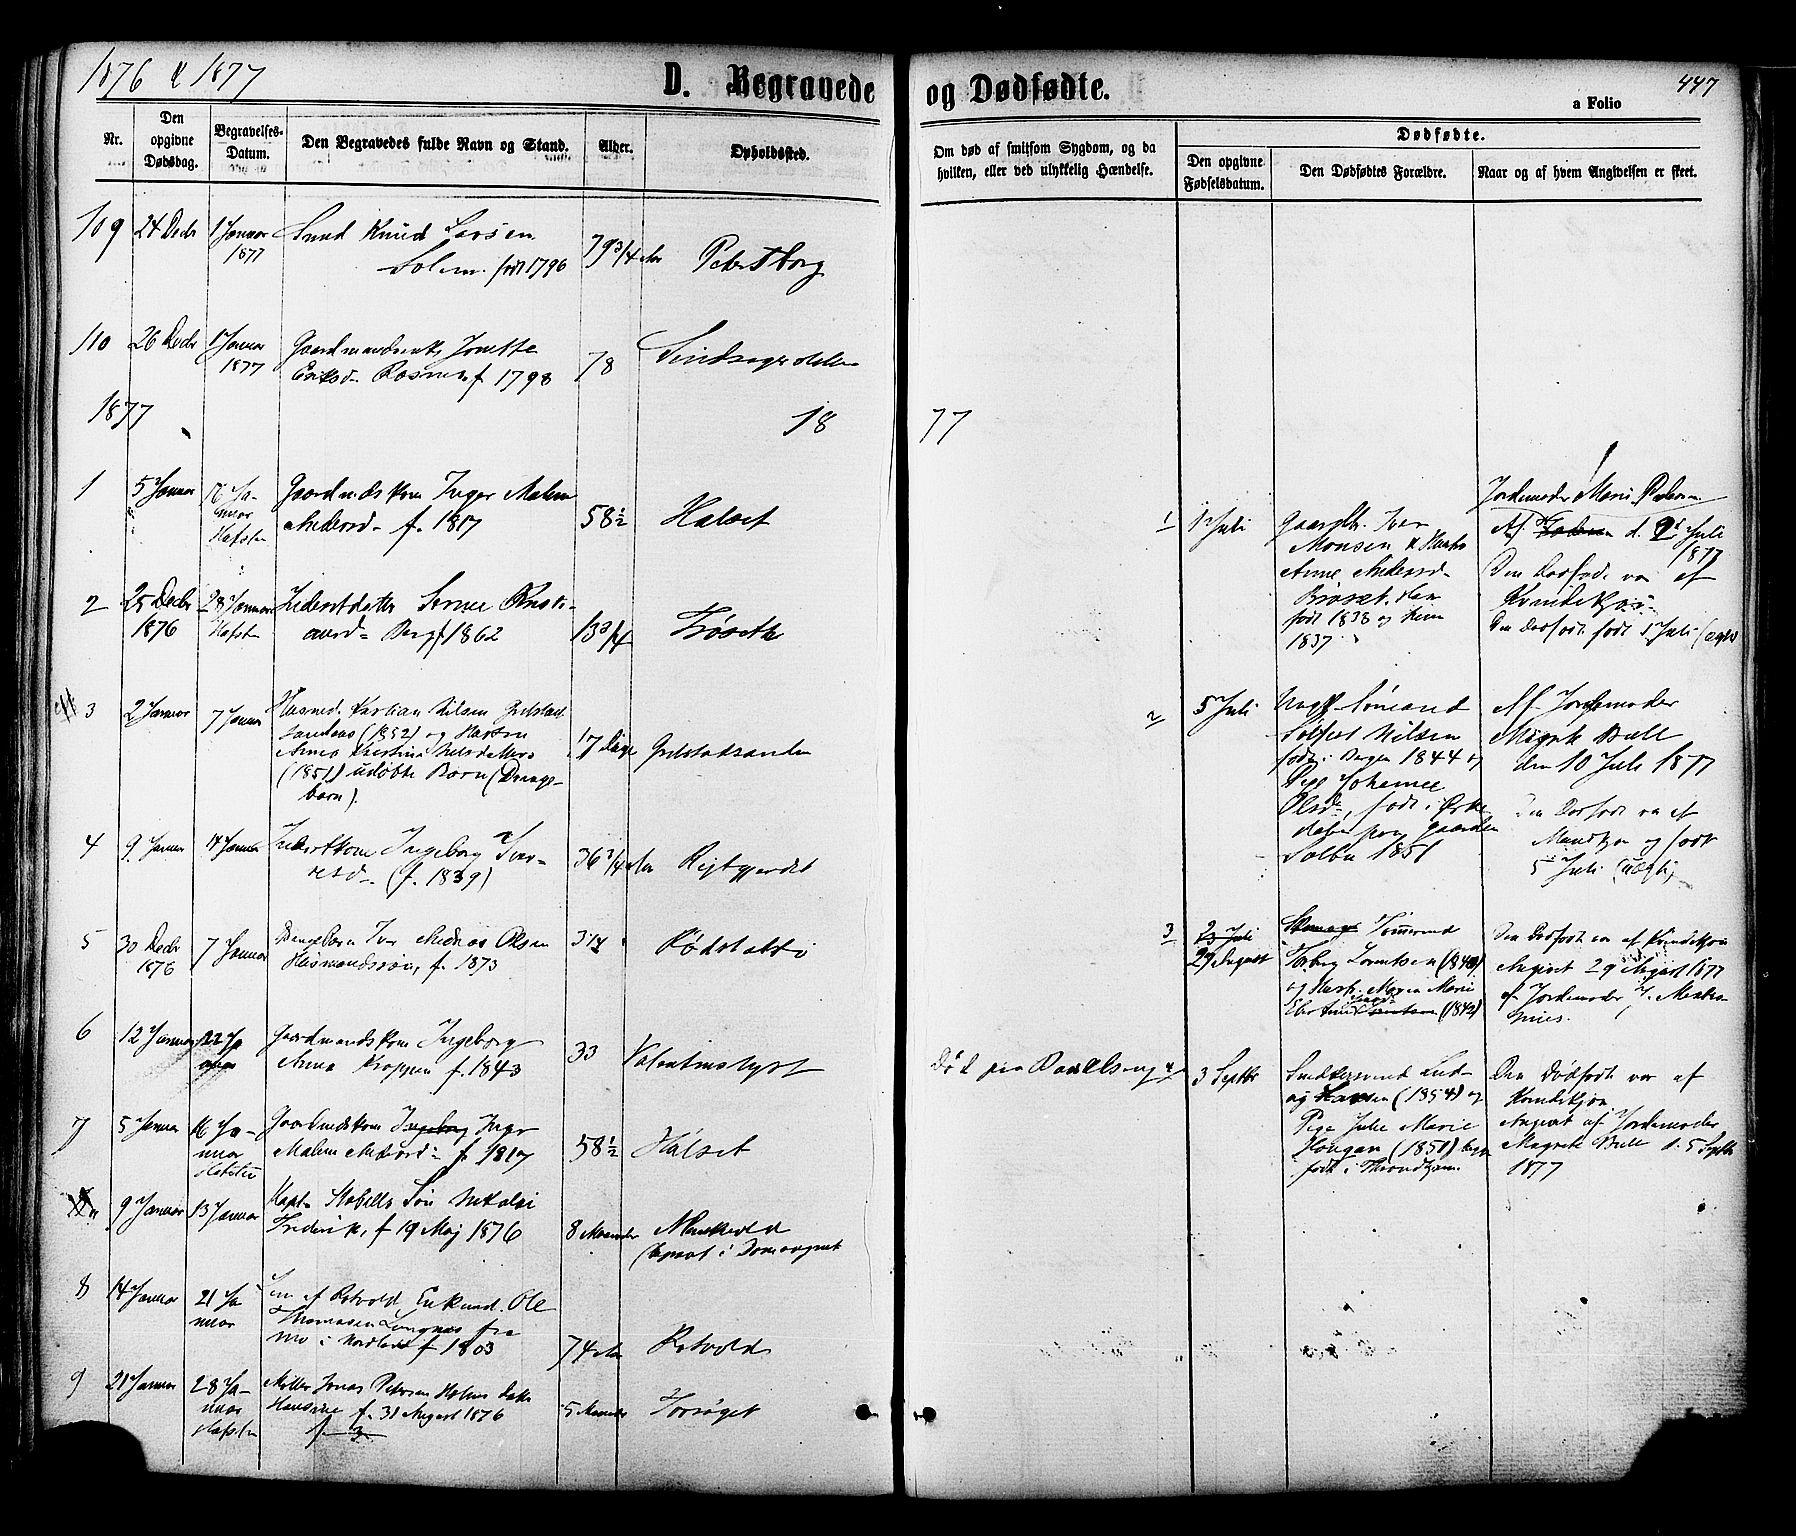 SAT, Ministerialprotokoller, klokkerbøker og fødselsregistre - Sør-Trøndelag, 606/L0293: Ministerialbok nr. 606A08, 1866-1877, s. 447